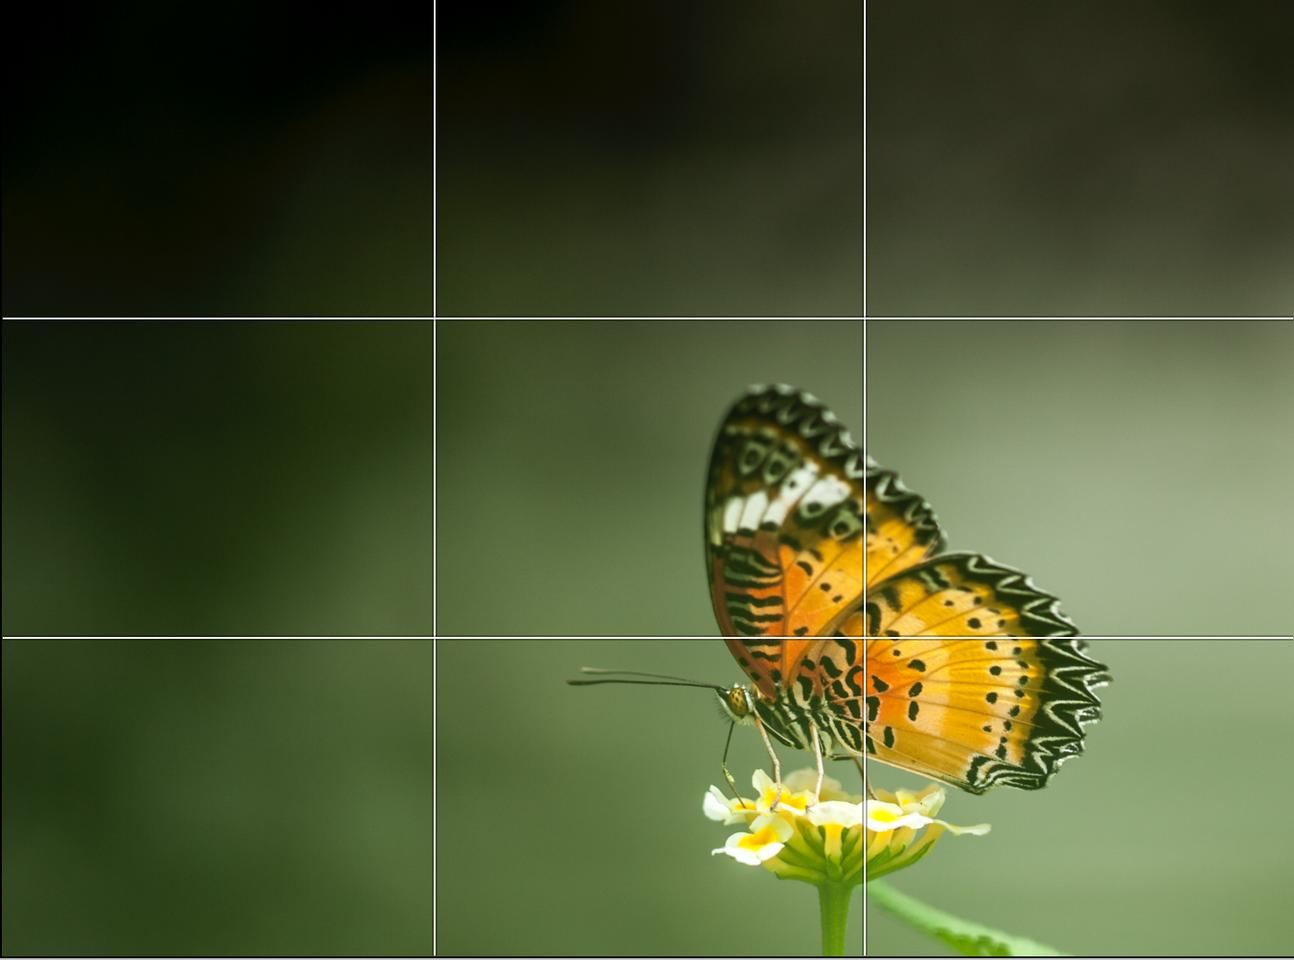 Bildschirmfoto 2020-12-09 um 11.36.42.pn